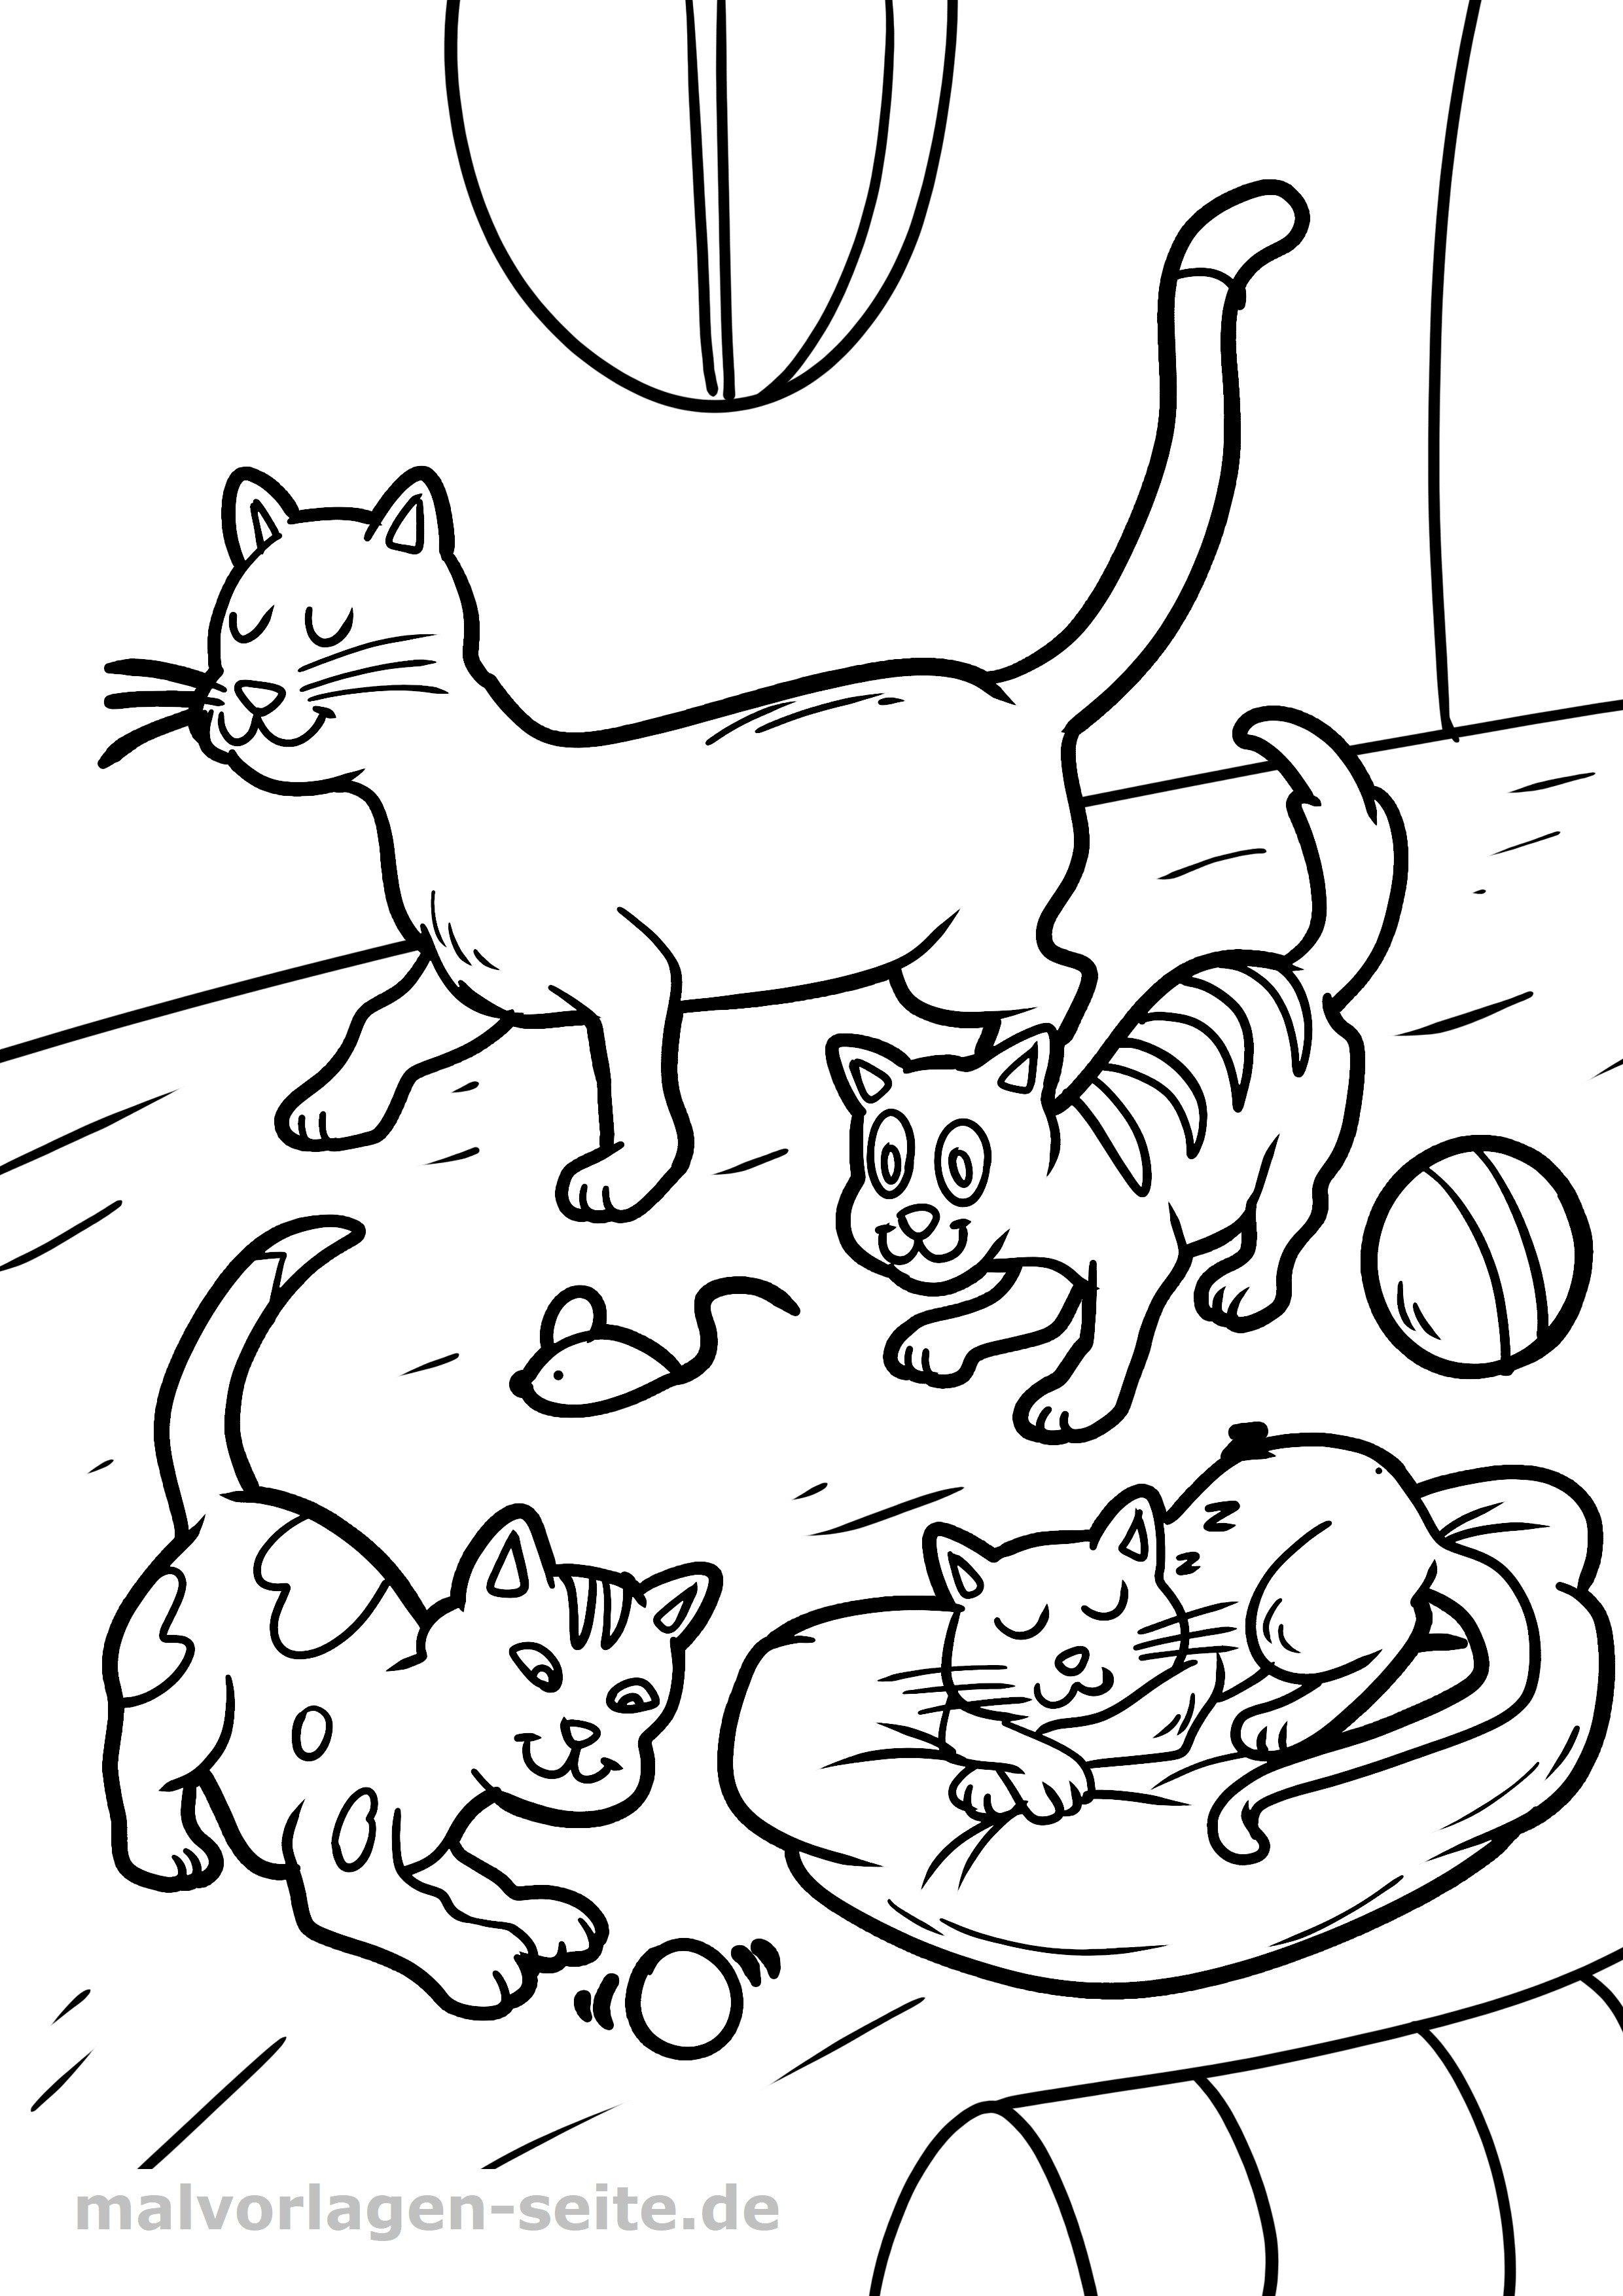 Malvorlage Katze - Kostenlose Ausmalbilder